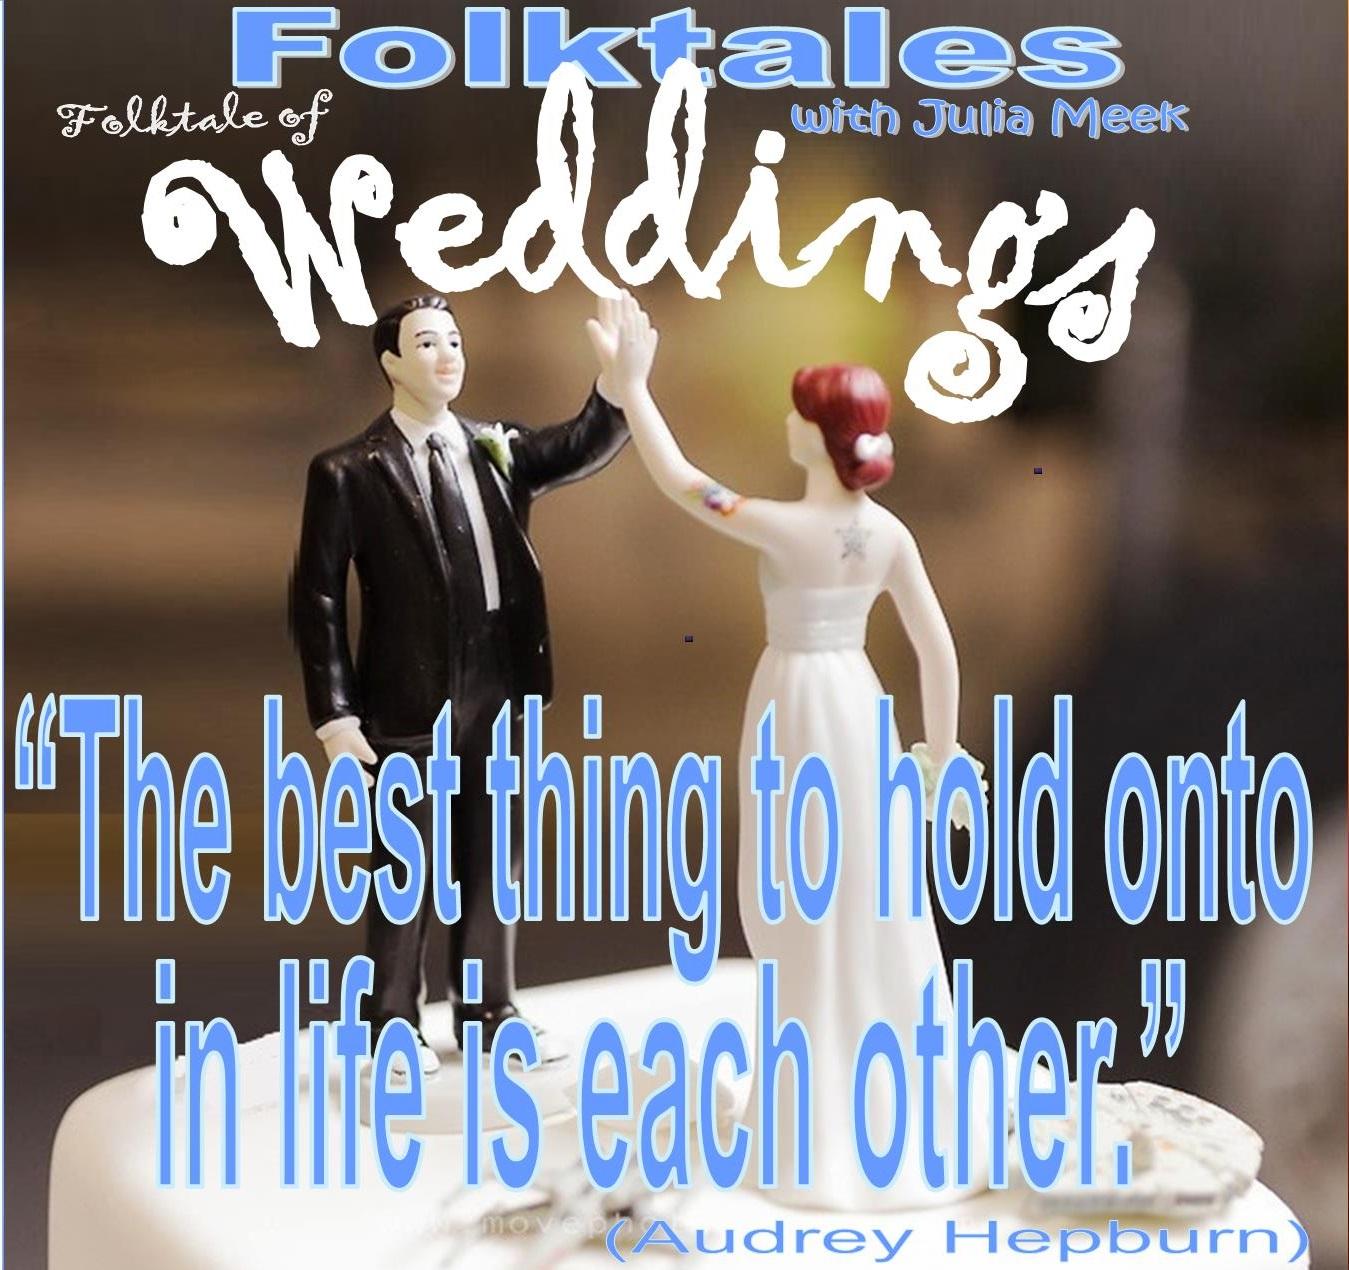 Caption: WBOI's Folktale of Weddings, Credit: Julia Meek